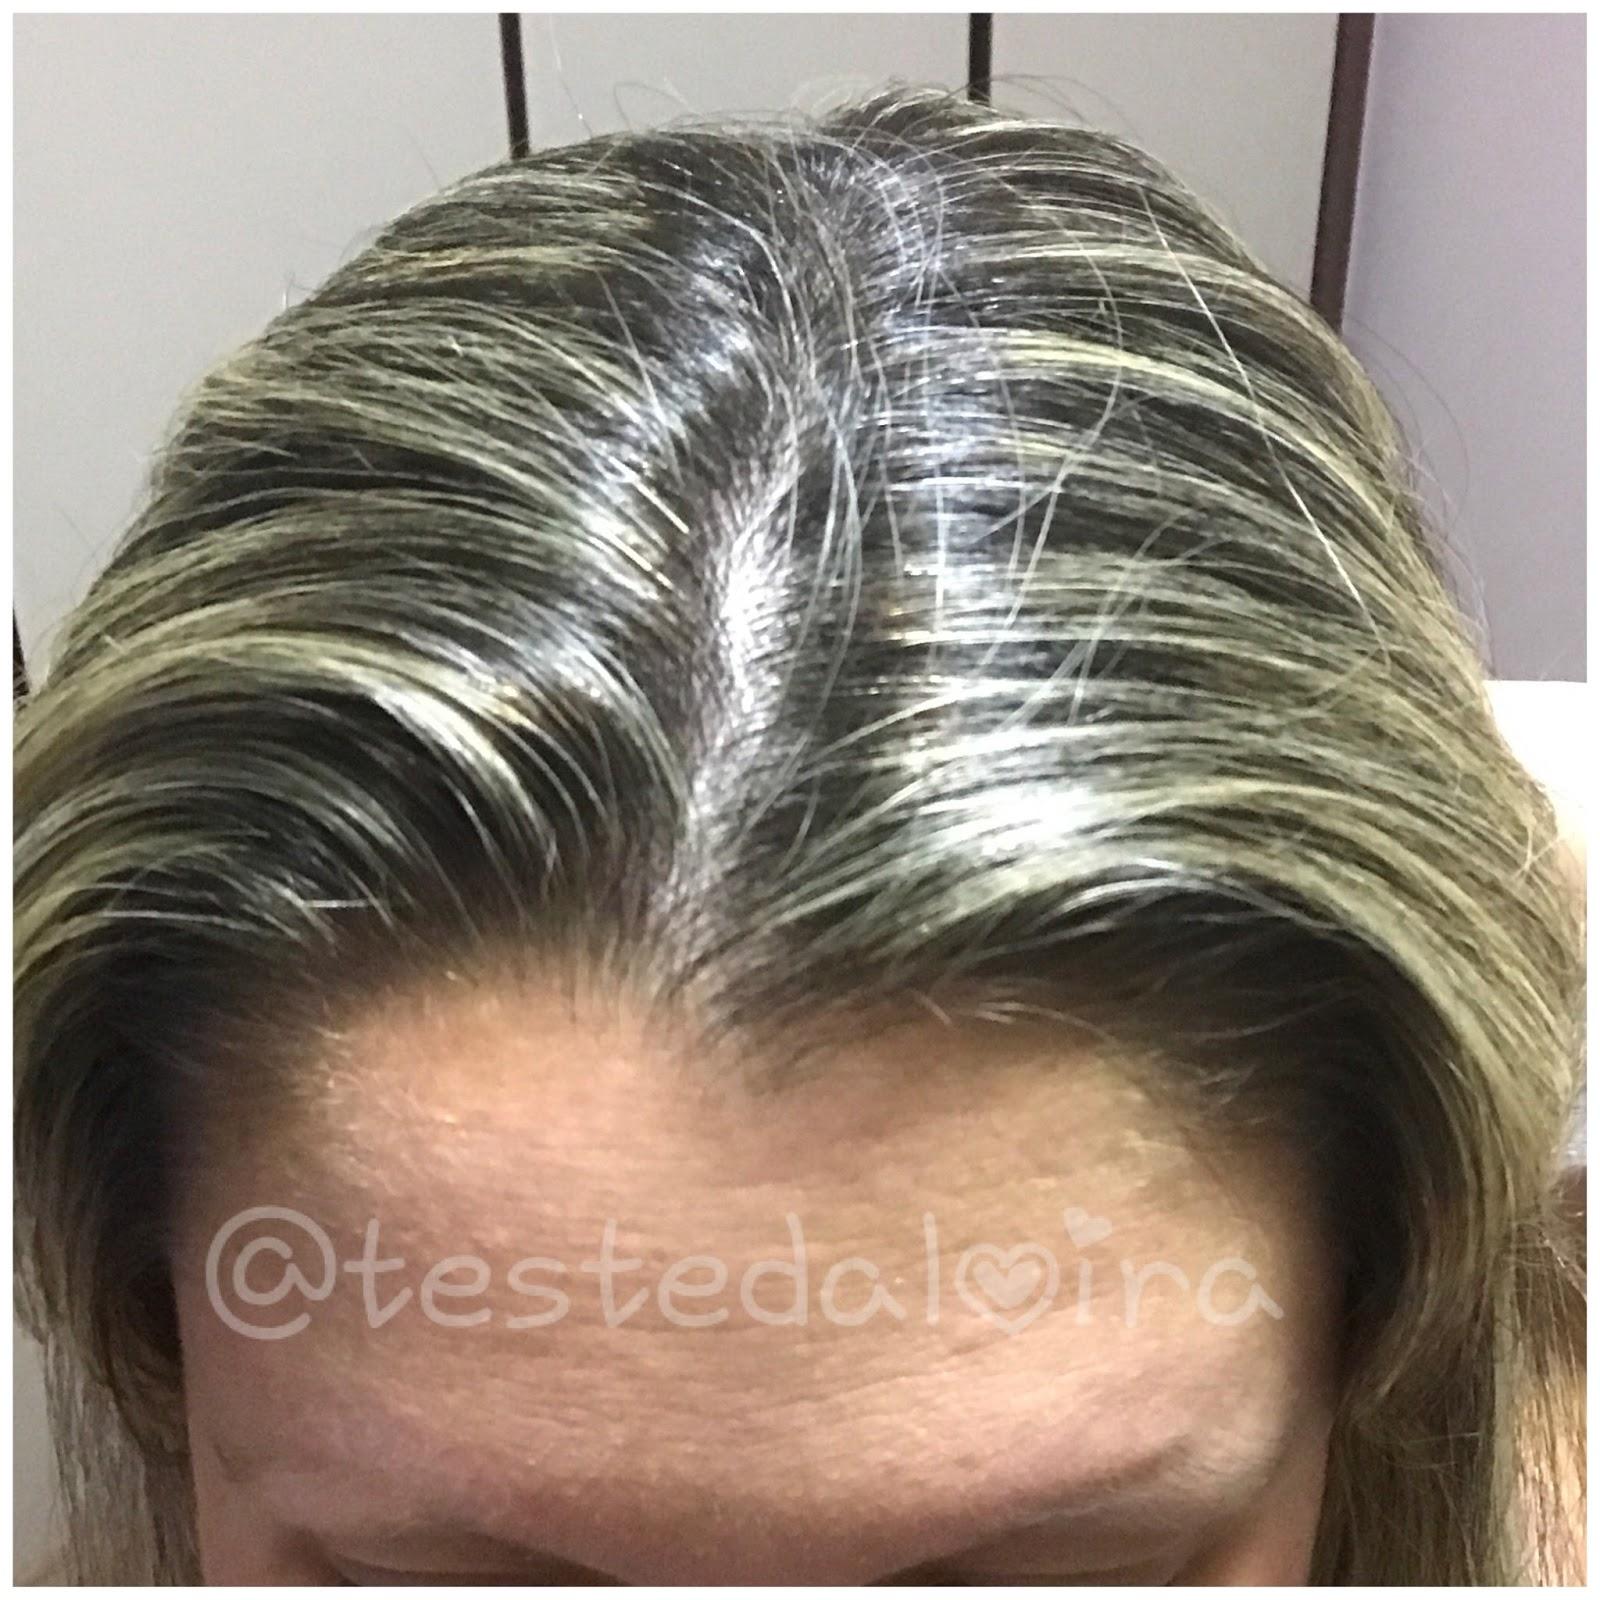 56a6501e8 O volume foi MUITO reduzido só com o produto - e eu nem fiz escova ou  chapinha pra domar meu cabelo!